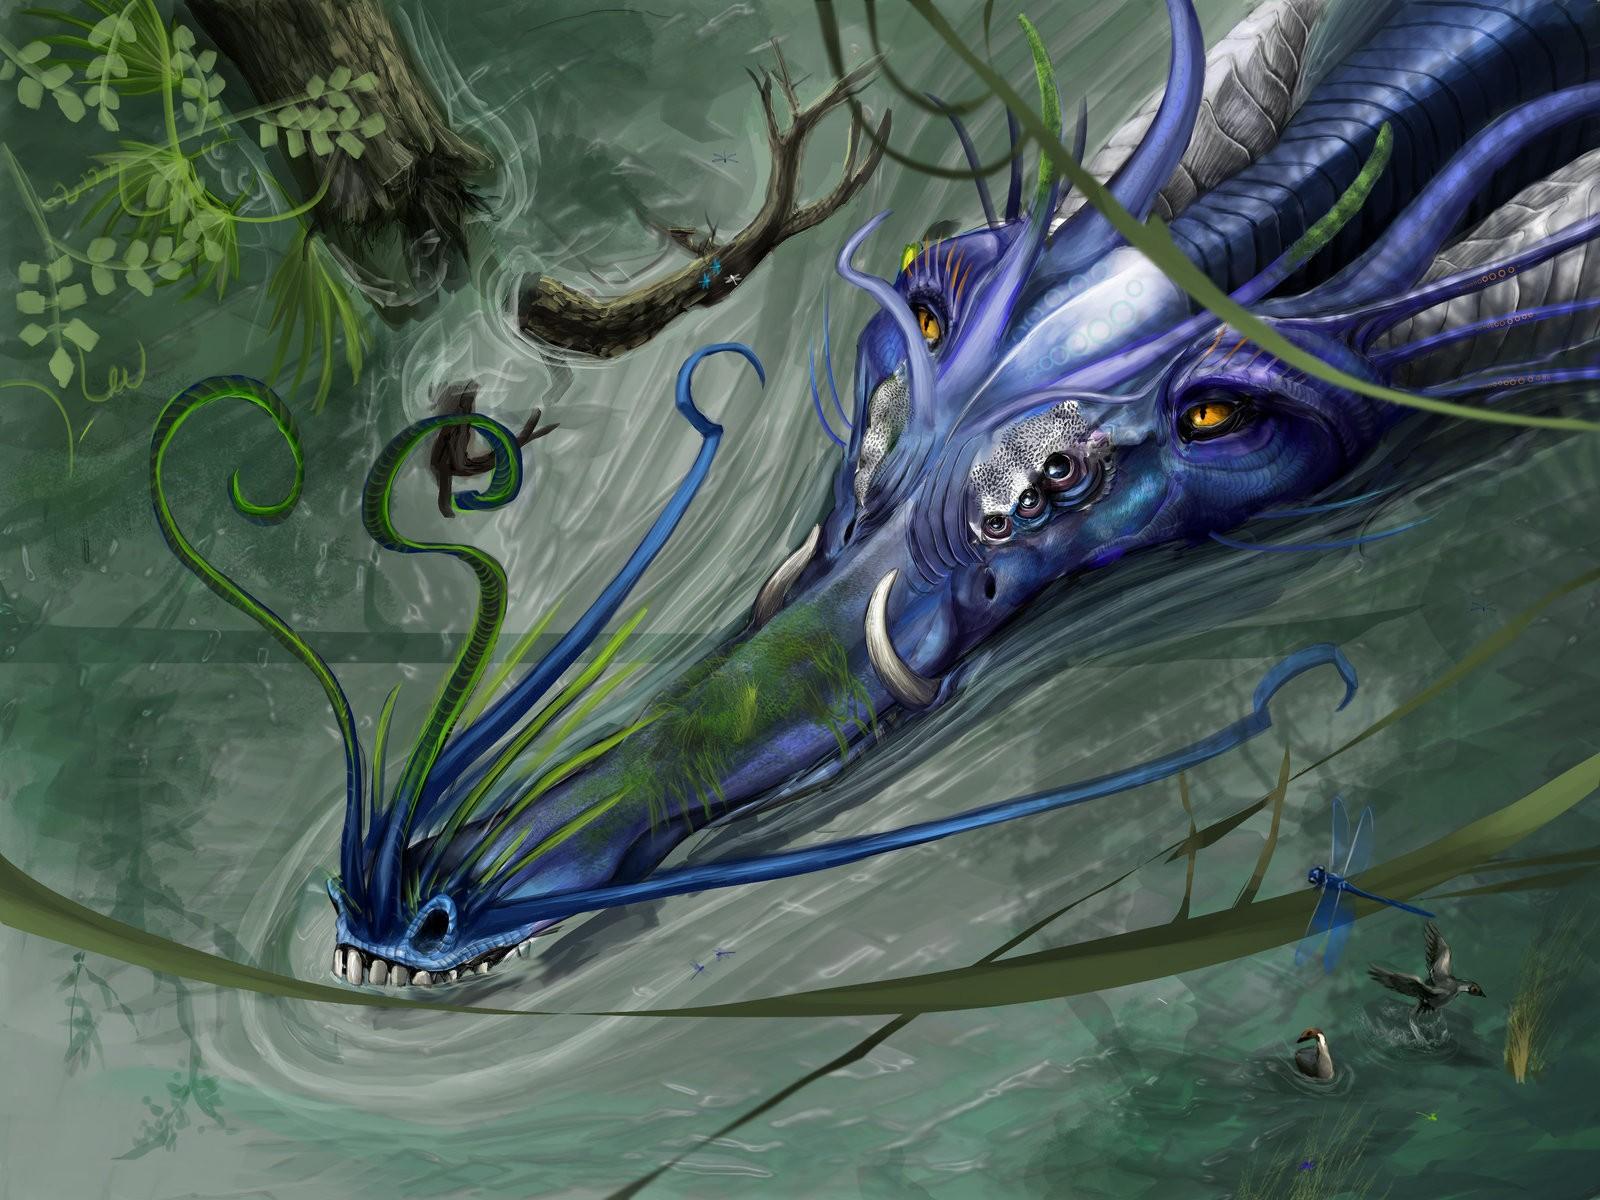 dragon wallpaper 1600x1200 - photo #19